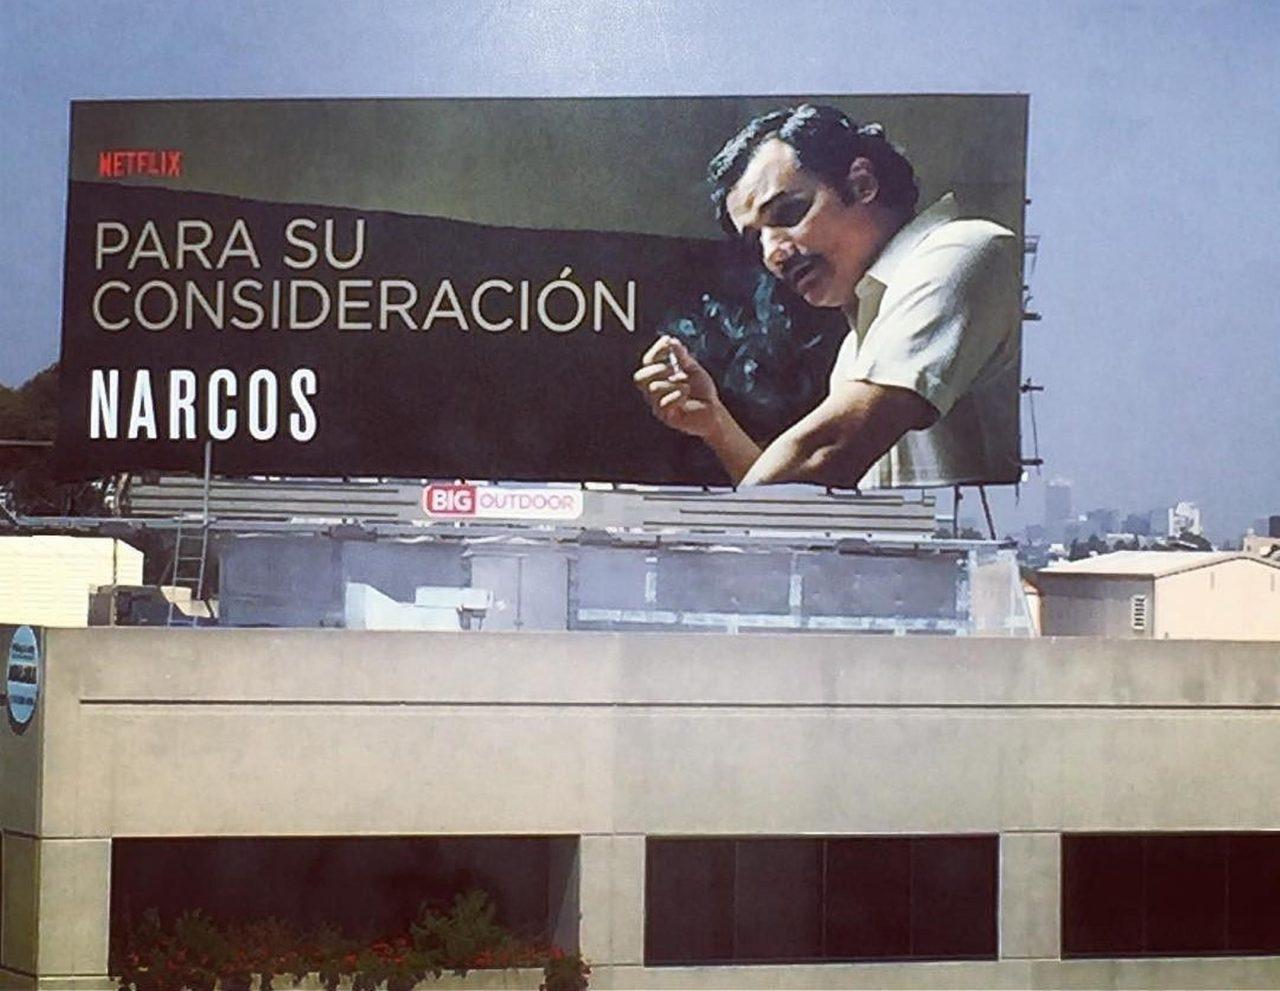 Netflix quiere comprar espectaculares en Los Ángeles por 300 mdd